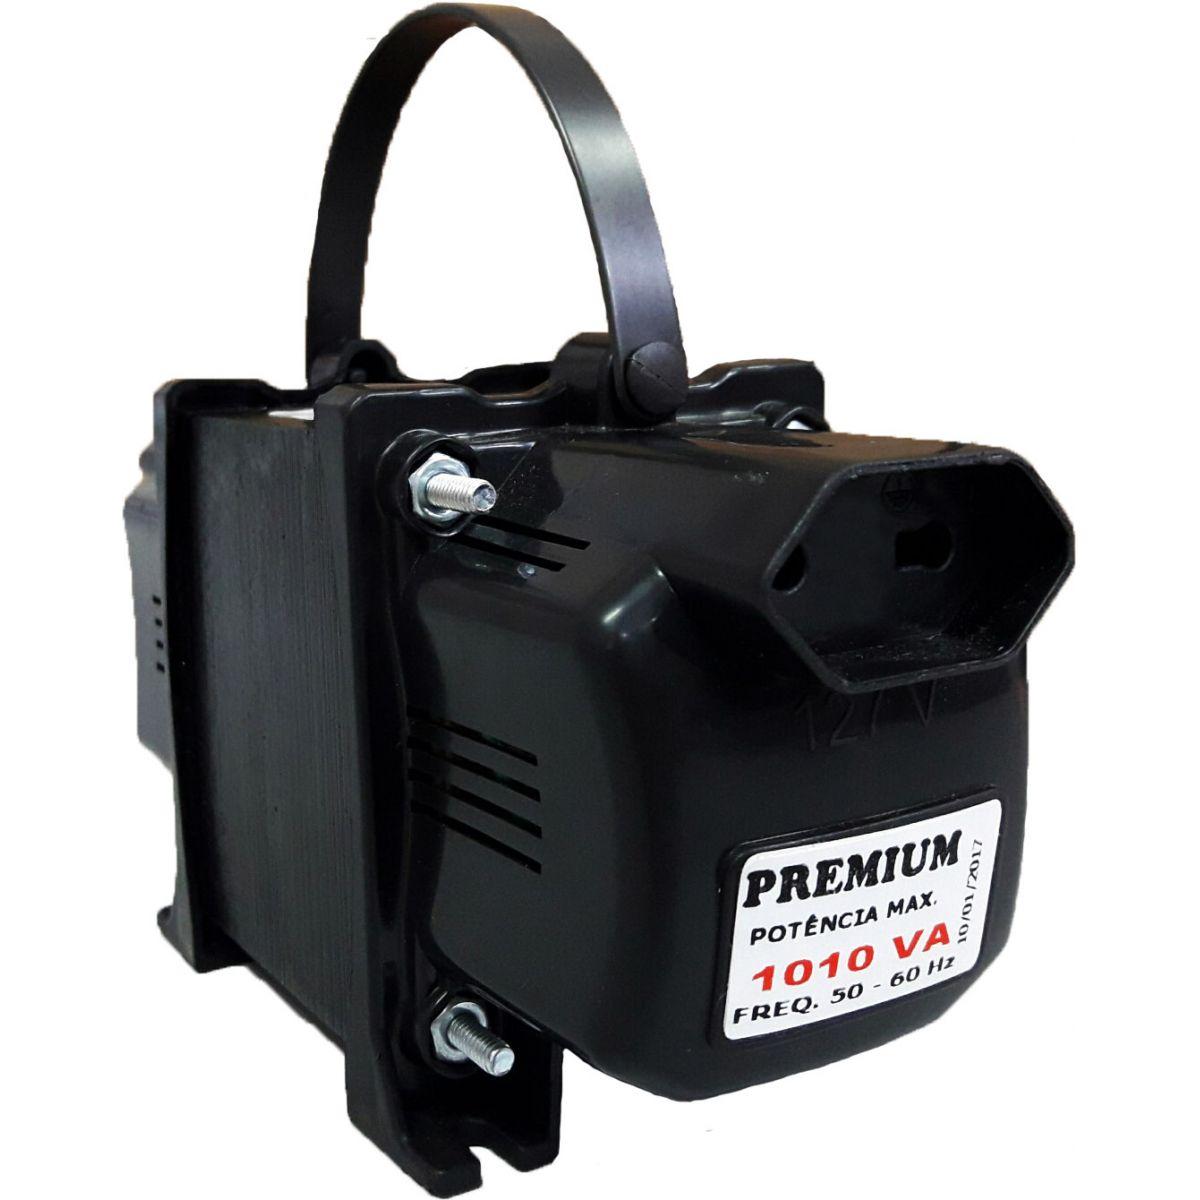 Transformador Fiolux Premium 1010/1050VA Bivolt 110/220 e 220/110 Ref: 1010/1050 VA